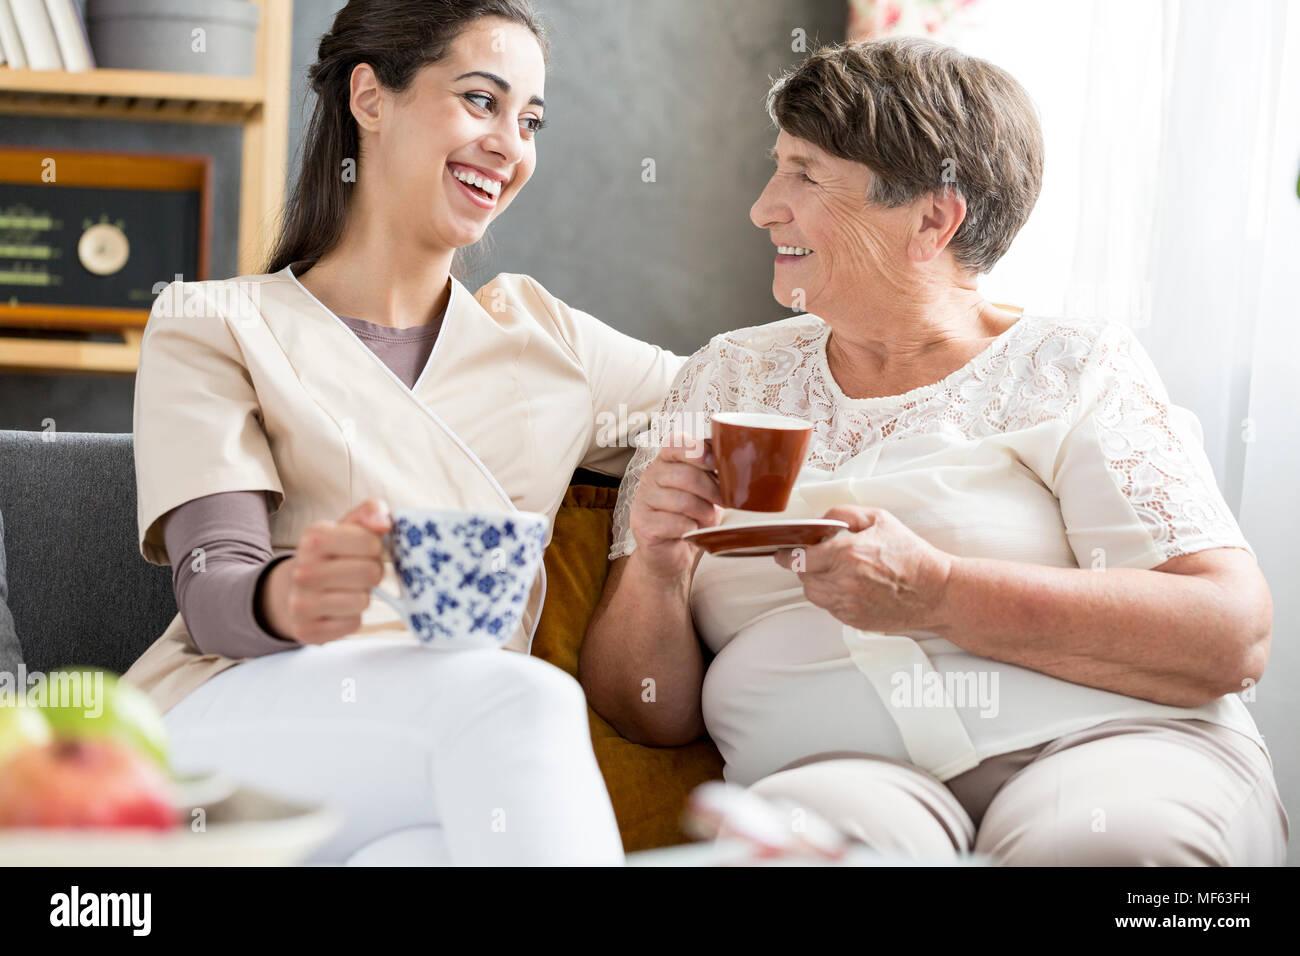 Lächelnd freiwilligen Kaffee trinken mit einem älteren Patienten in ein Pflegeheim Stockbild